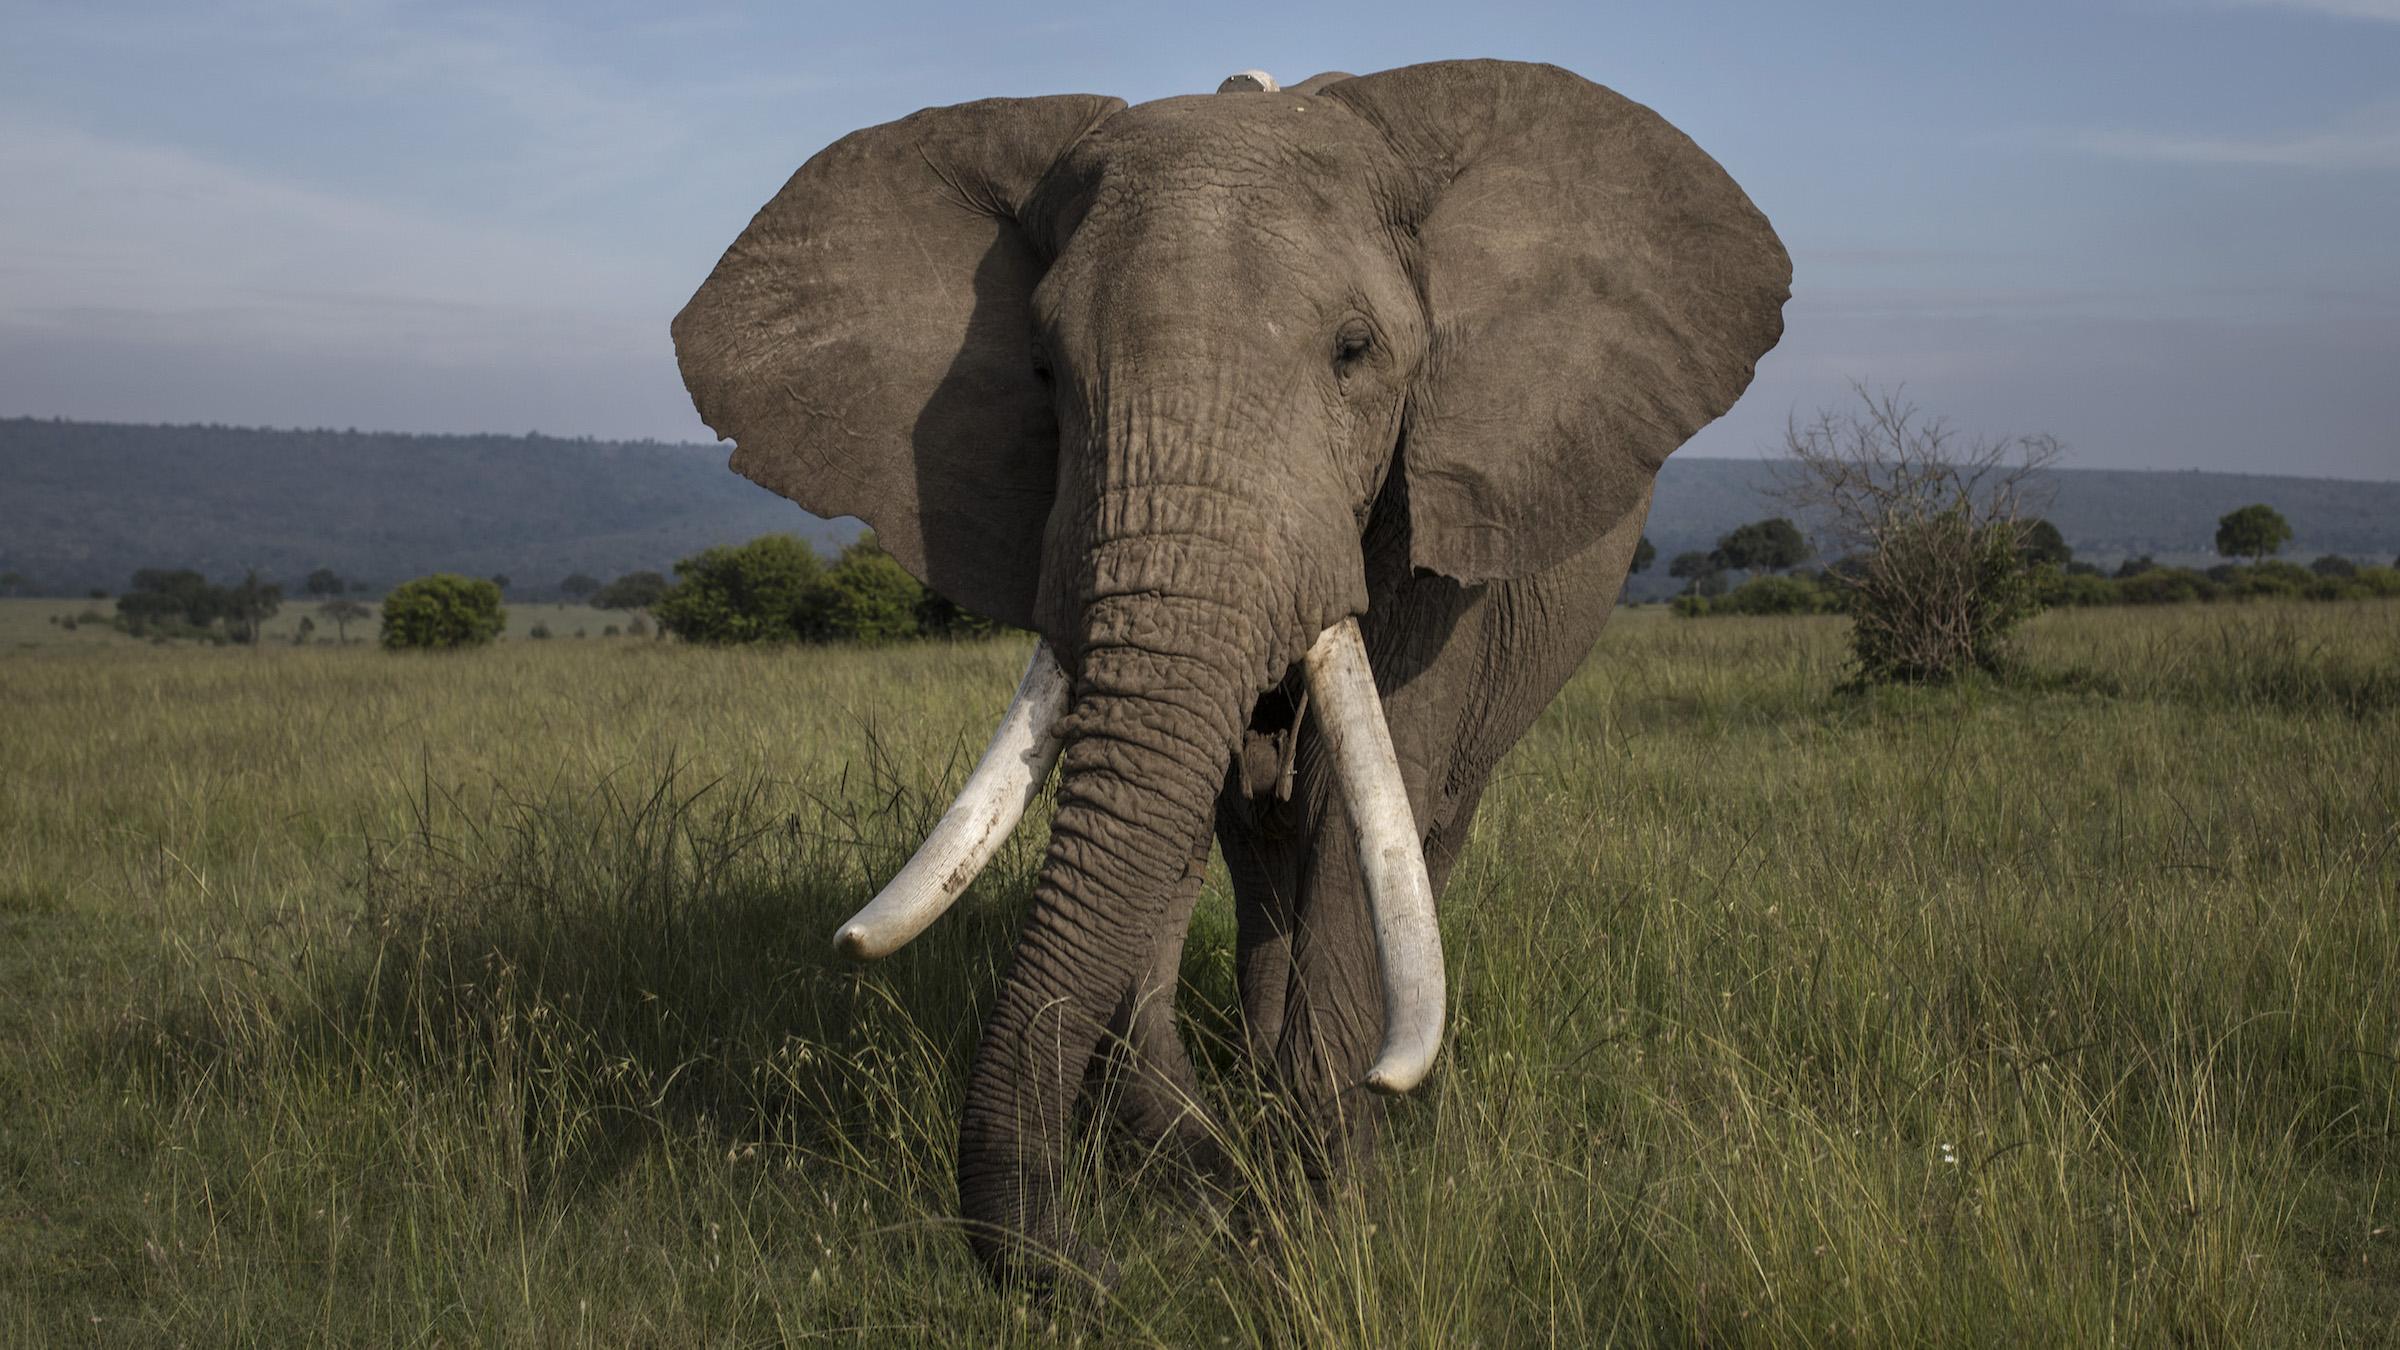 L'éléphant d'Afrique a les plus grandes oreilles de tous les animaux, mais les oreilles, qui peuvent mesurer près de 1,2 mètre de long, ne font que 17% de la longueur du corps de l'animal.